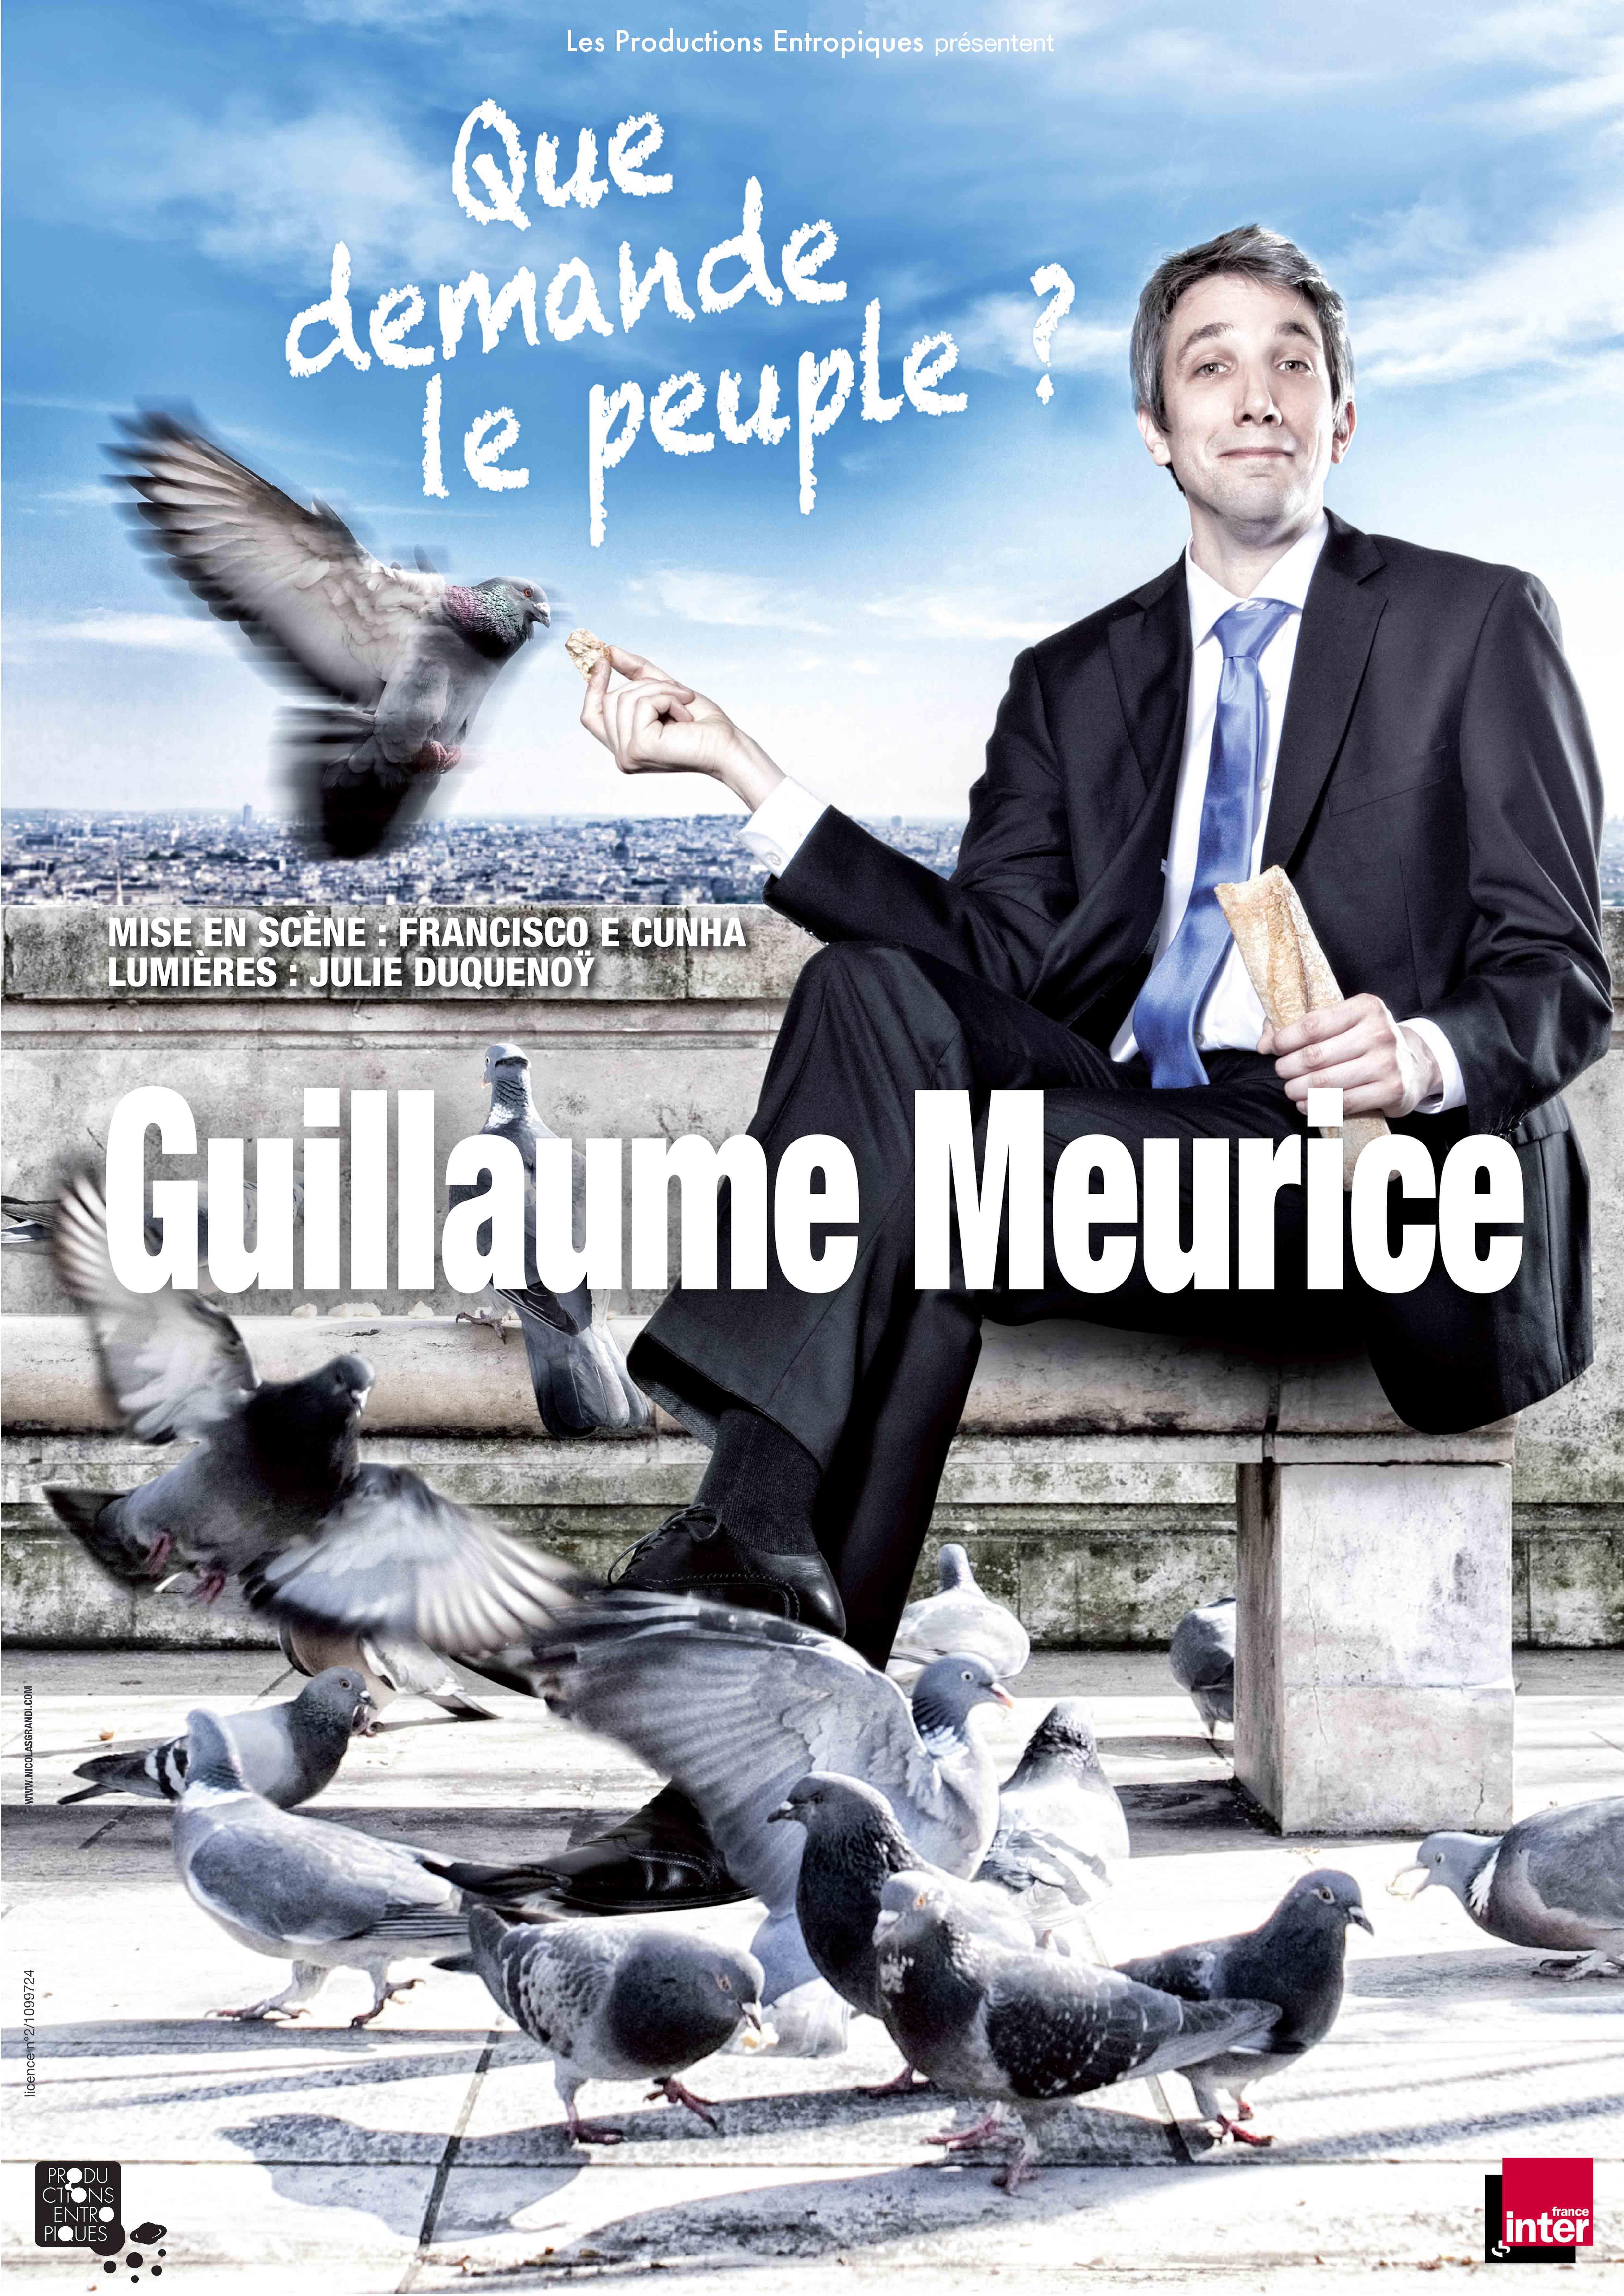 GUILLAUME MEURICE - Que demande le peuple ?